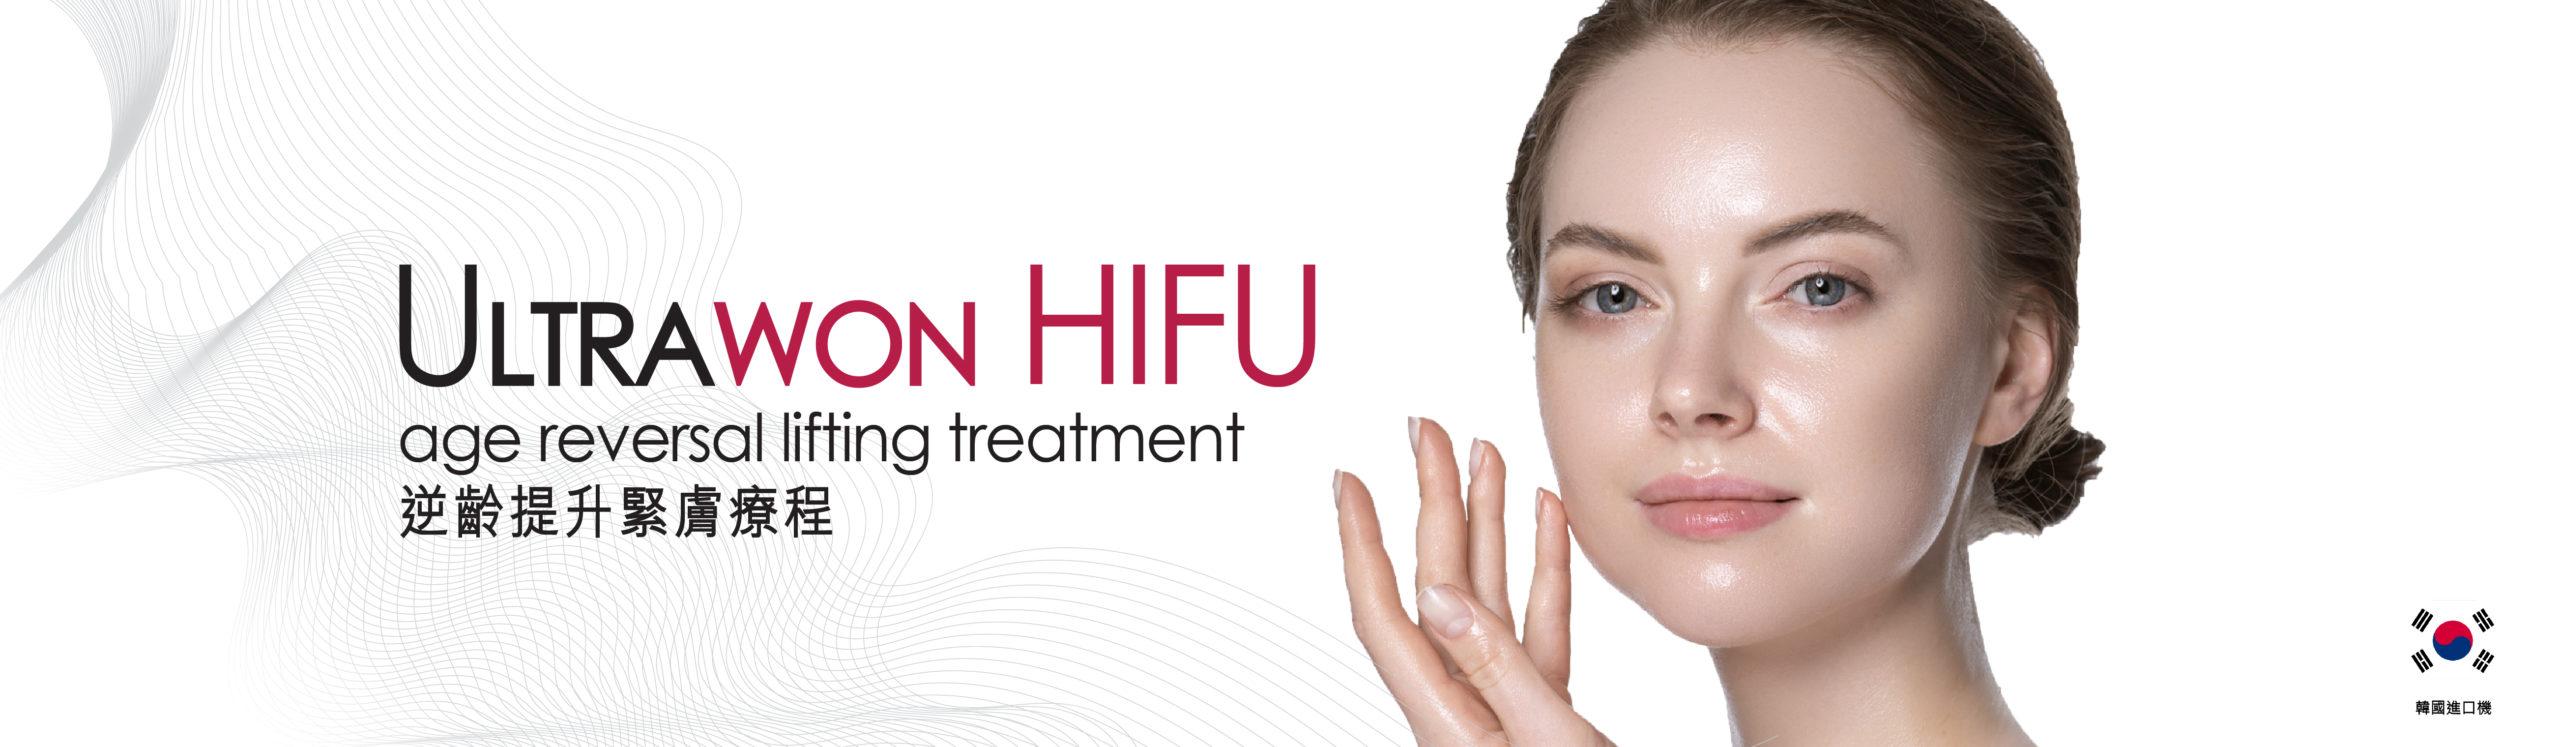 高能聚焦超聲波HIFU,可深入至皮膚4.5mm,直達皮膚肌腱膜層(SMAS)及真皮層,使皮膚組織加熱至60˚c至70˚c,收緊皮膚及肌肉組織,同時刺激膠原蛋白再生,達至緊緻提升效果。